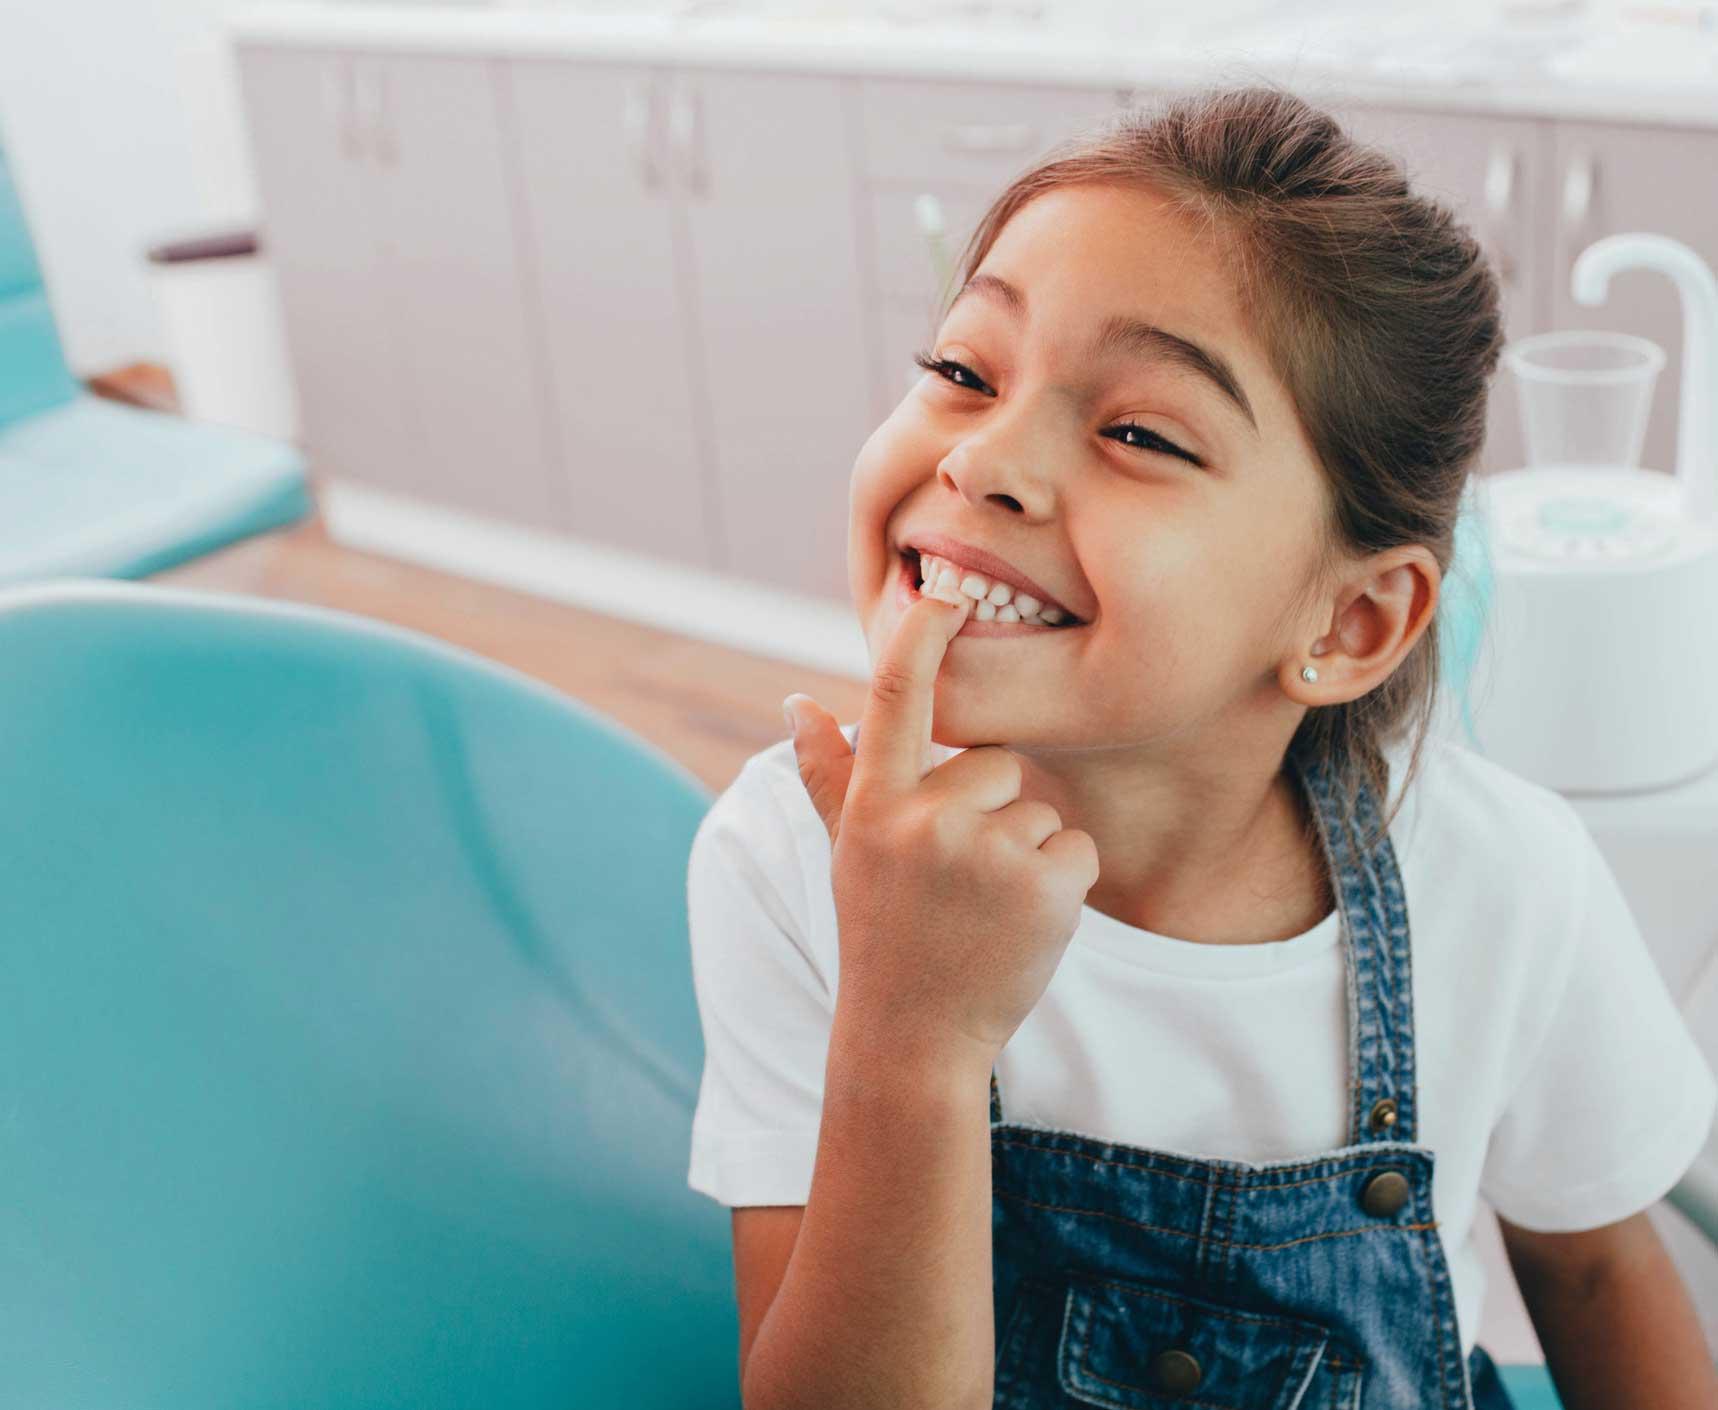 Odontopediatría en Los Realejos, Clínica dental en Los Realejos, Dentista en Los Realejos